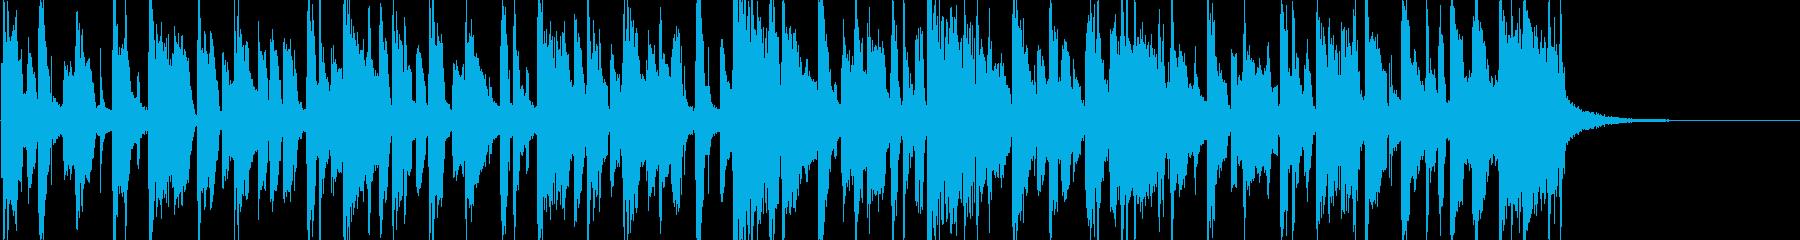 哀しい雰囲気の軽快なポップジングルの再生済みの波形